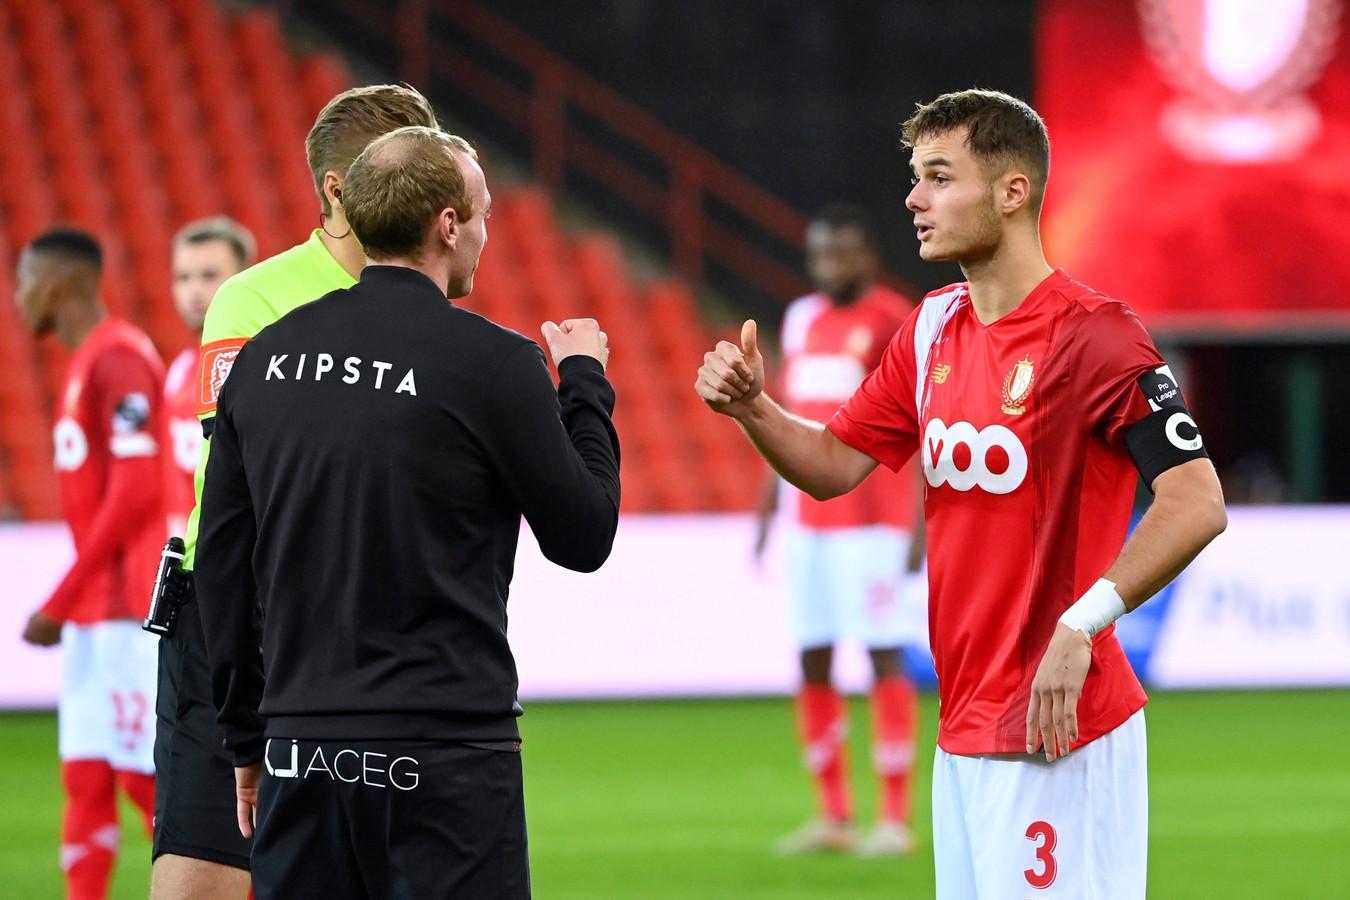 Les playoffs et l'Euro sont encore dans le viseur de Zinho Vanheusden.